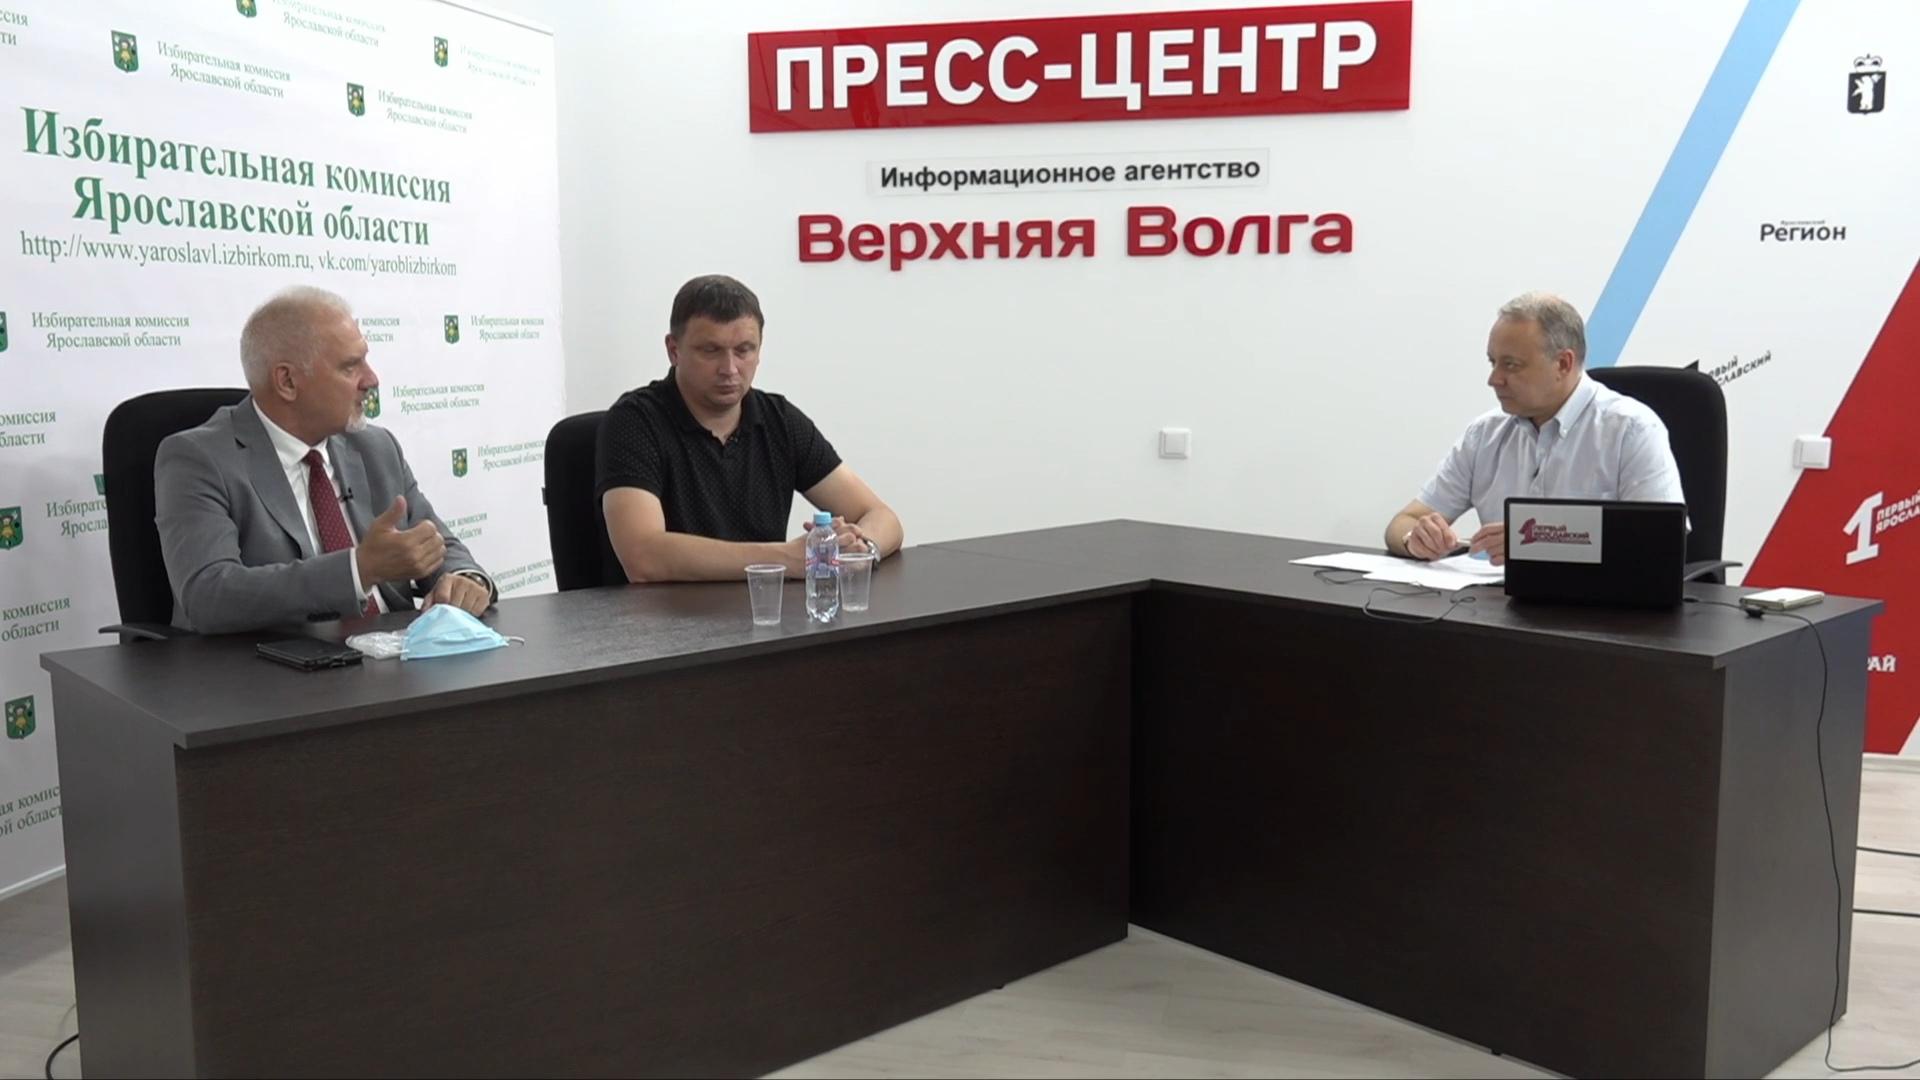 Сергей Бабуркин о том, как повлияют изменения в Конституции на права человека: трансляция